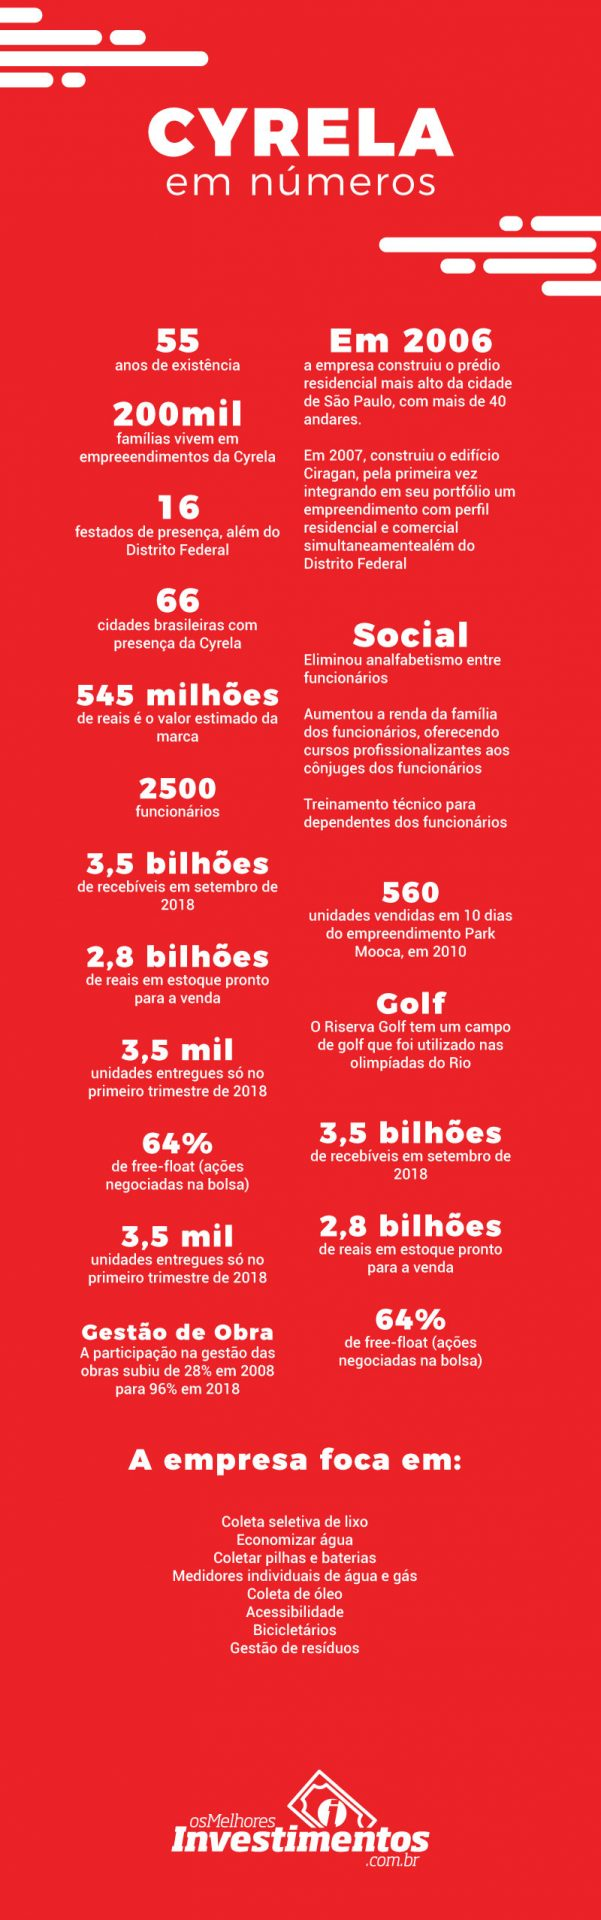 Ações da Cyrela - Infográfico - Os Melhores Investimentos